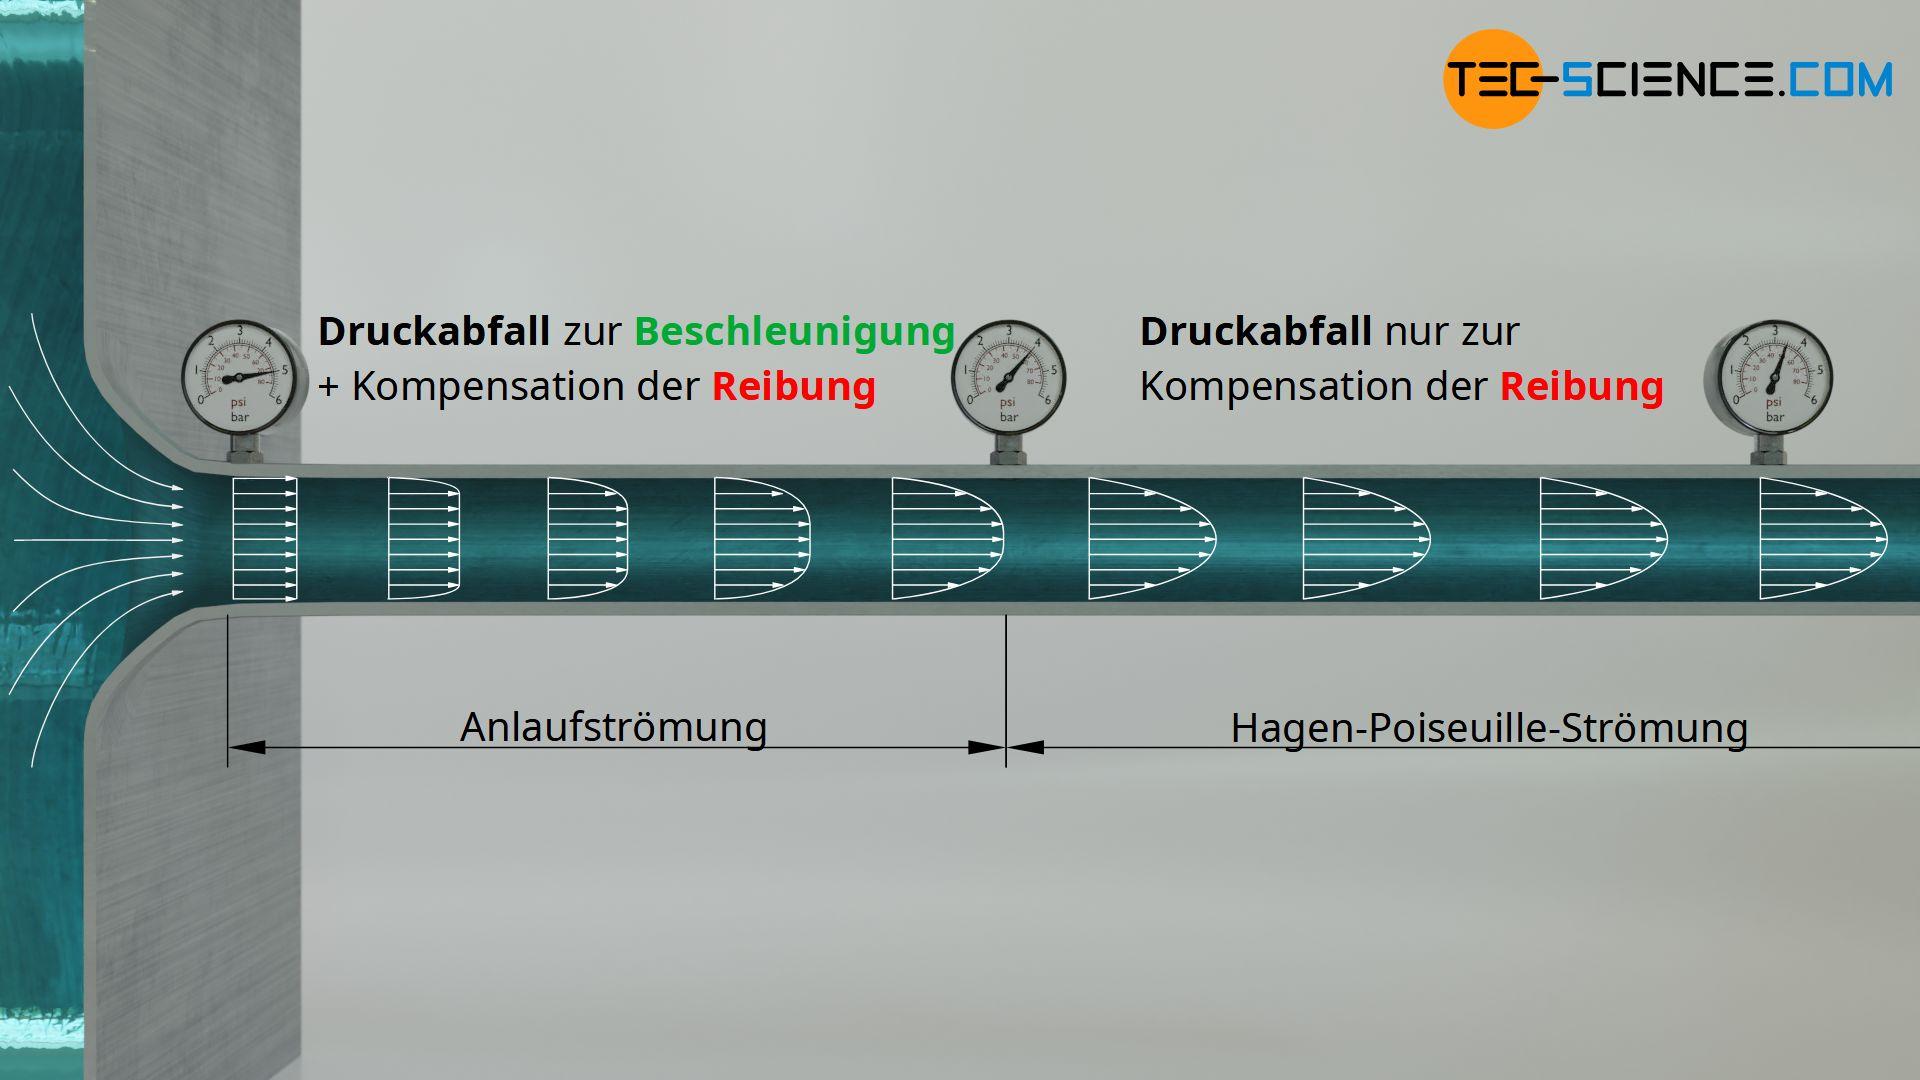 Anlaufströmung und Hagen-Poiseuille-Strömung